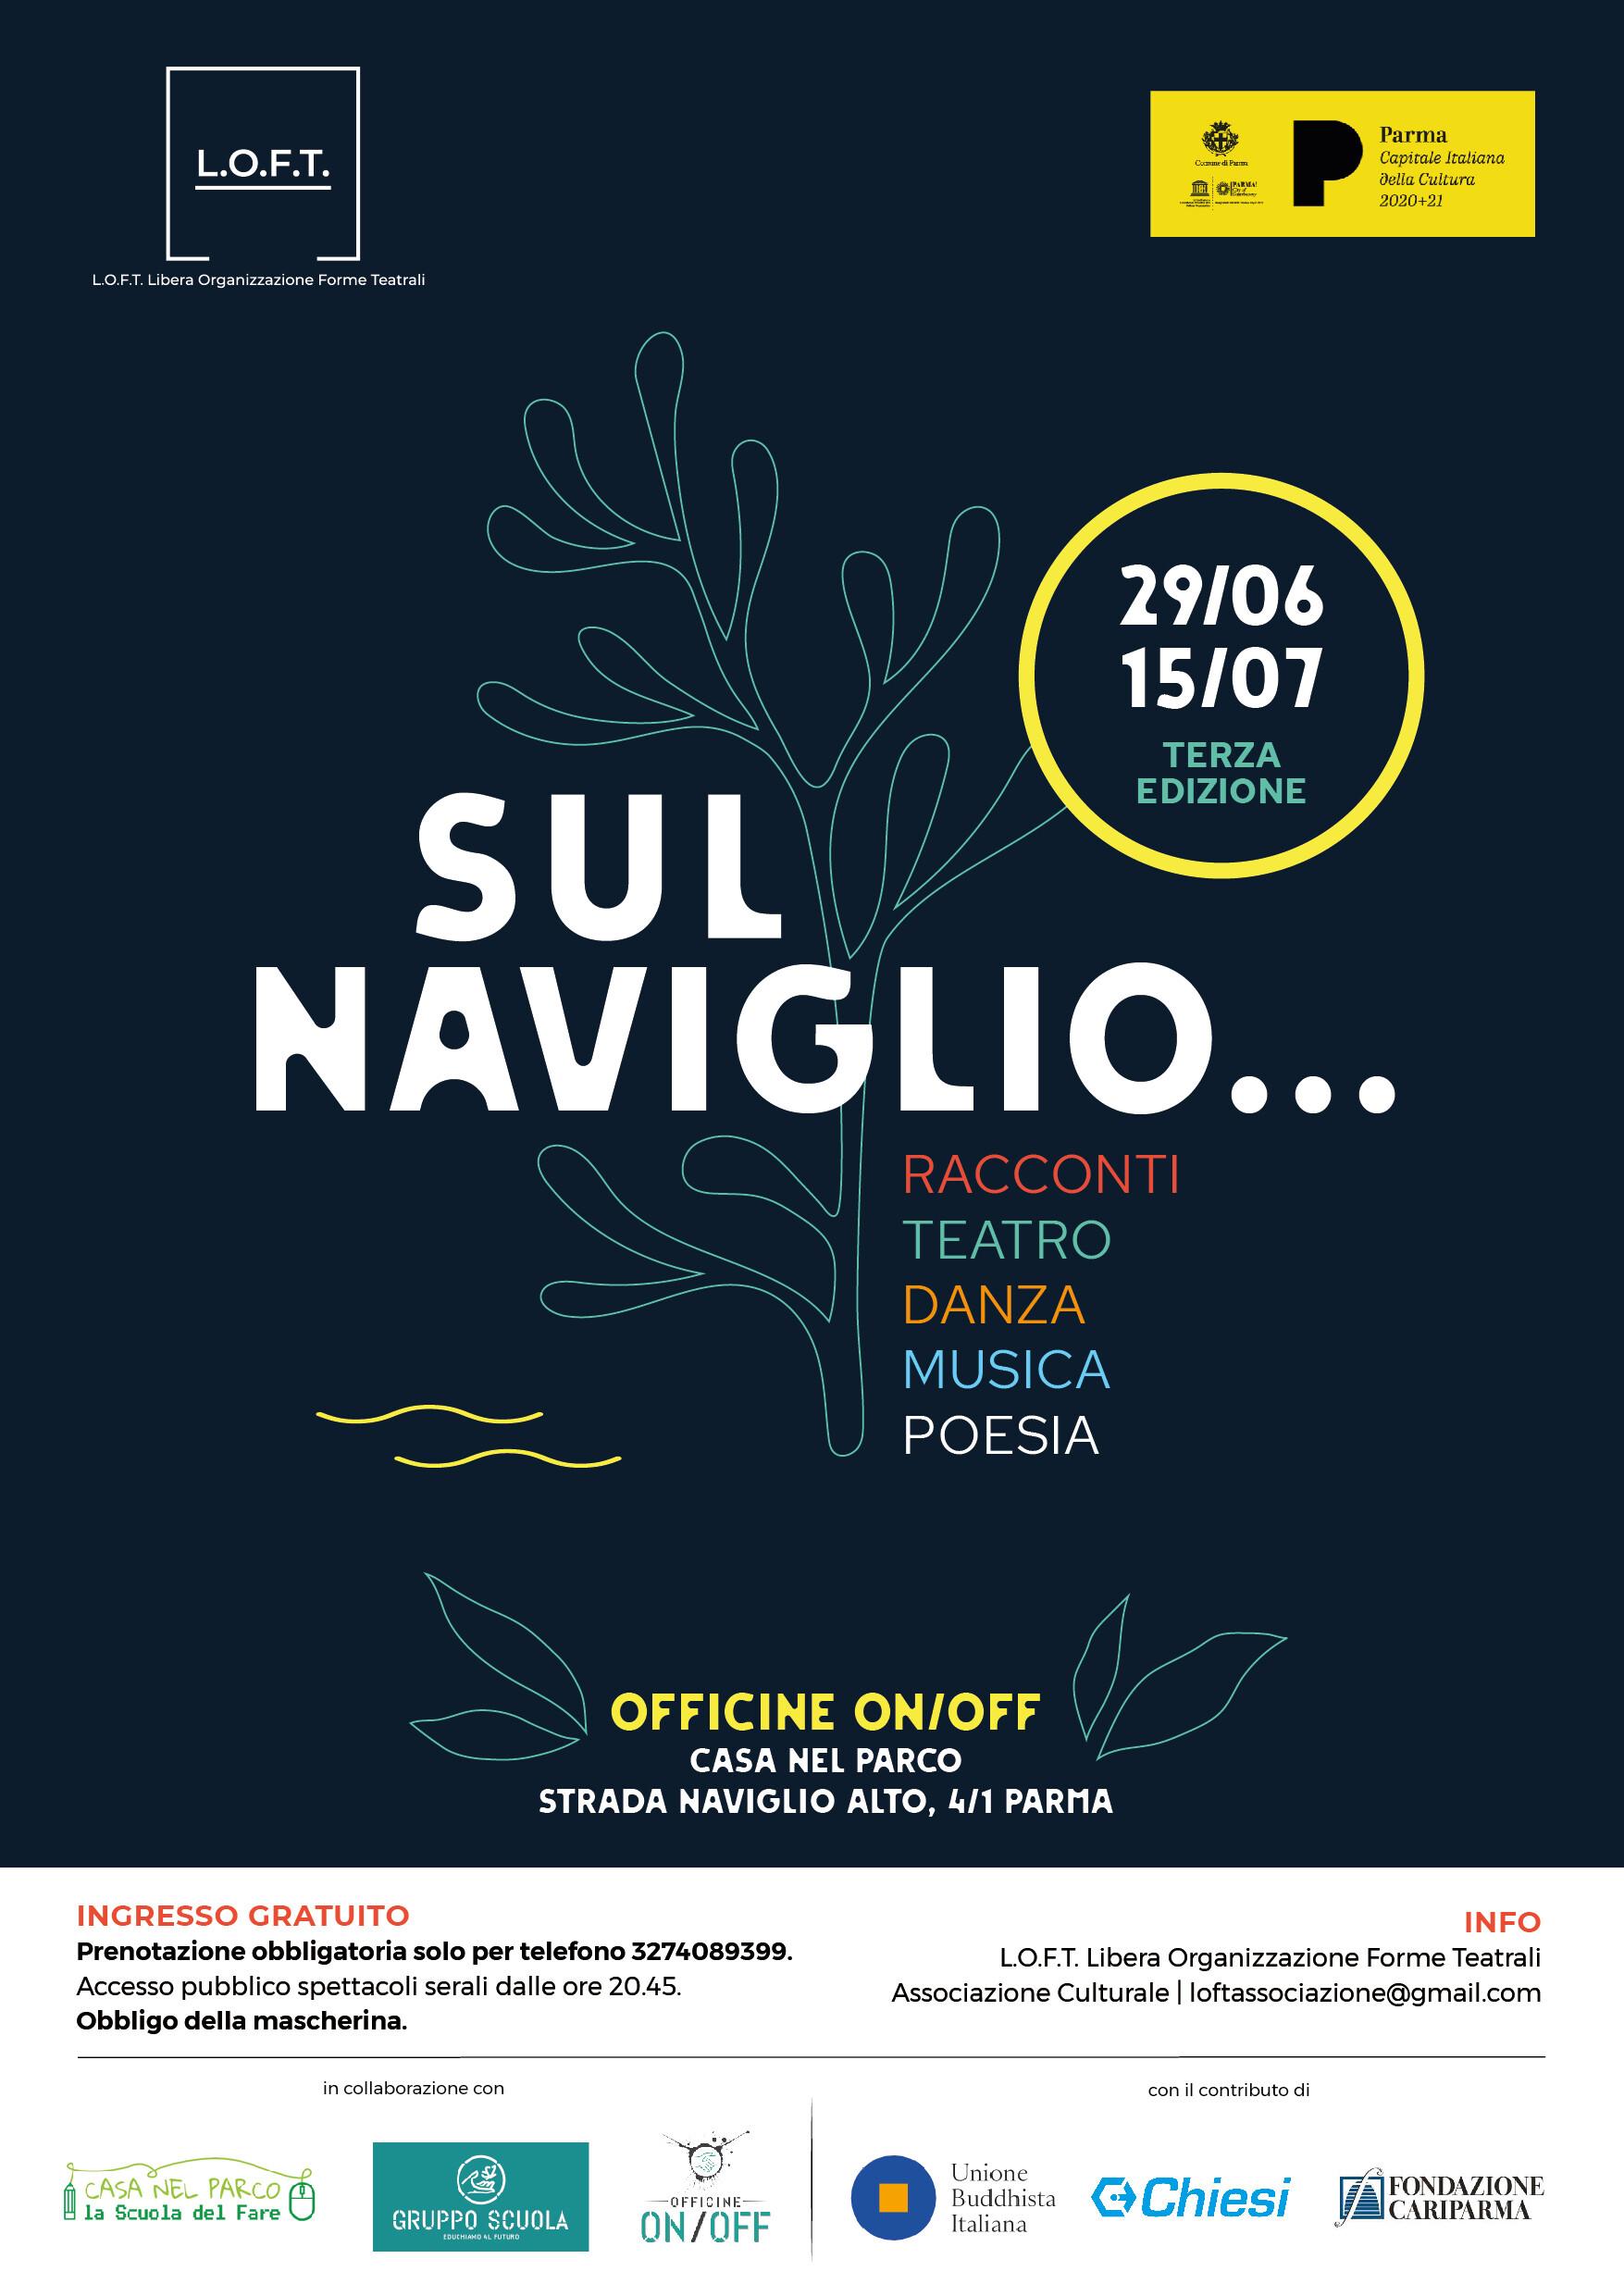 """""""SUL NAVIGLIO...racconti, teatro, danza, musica e poesia"""", terza edizione"""